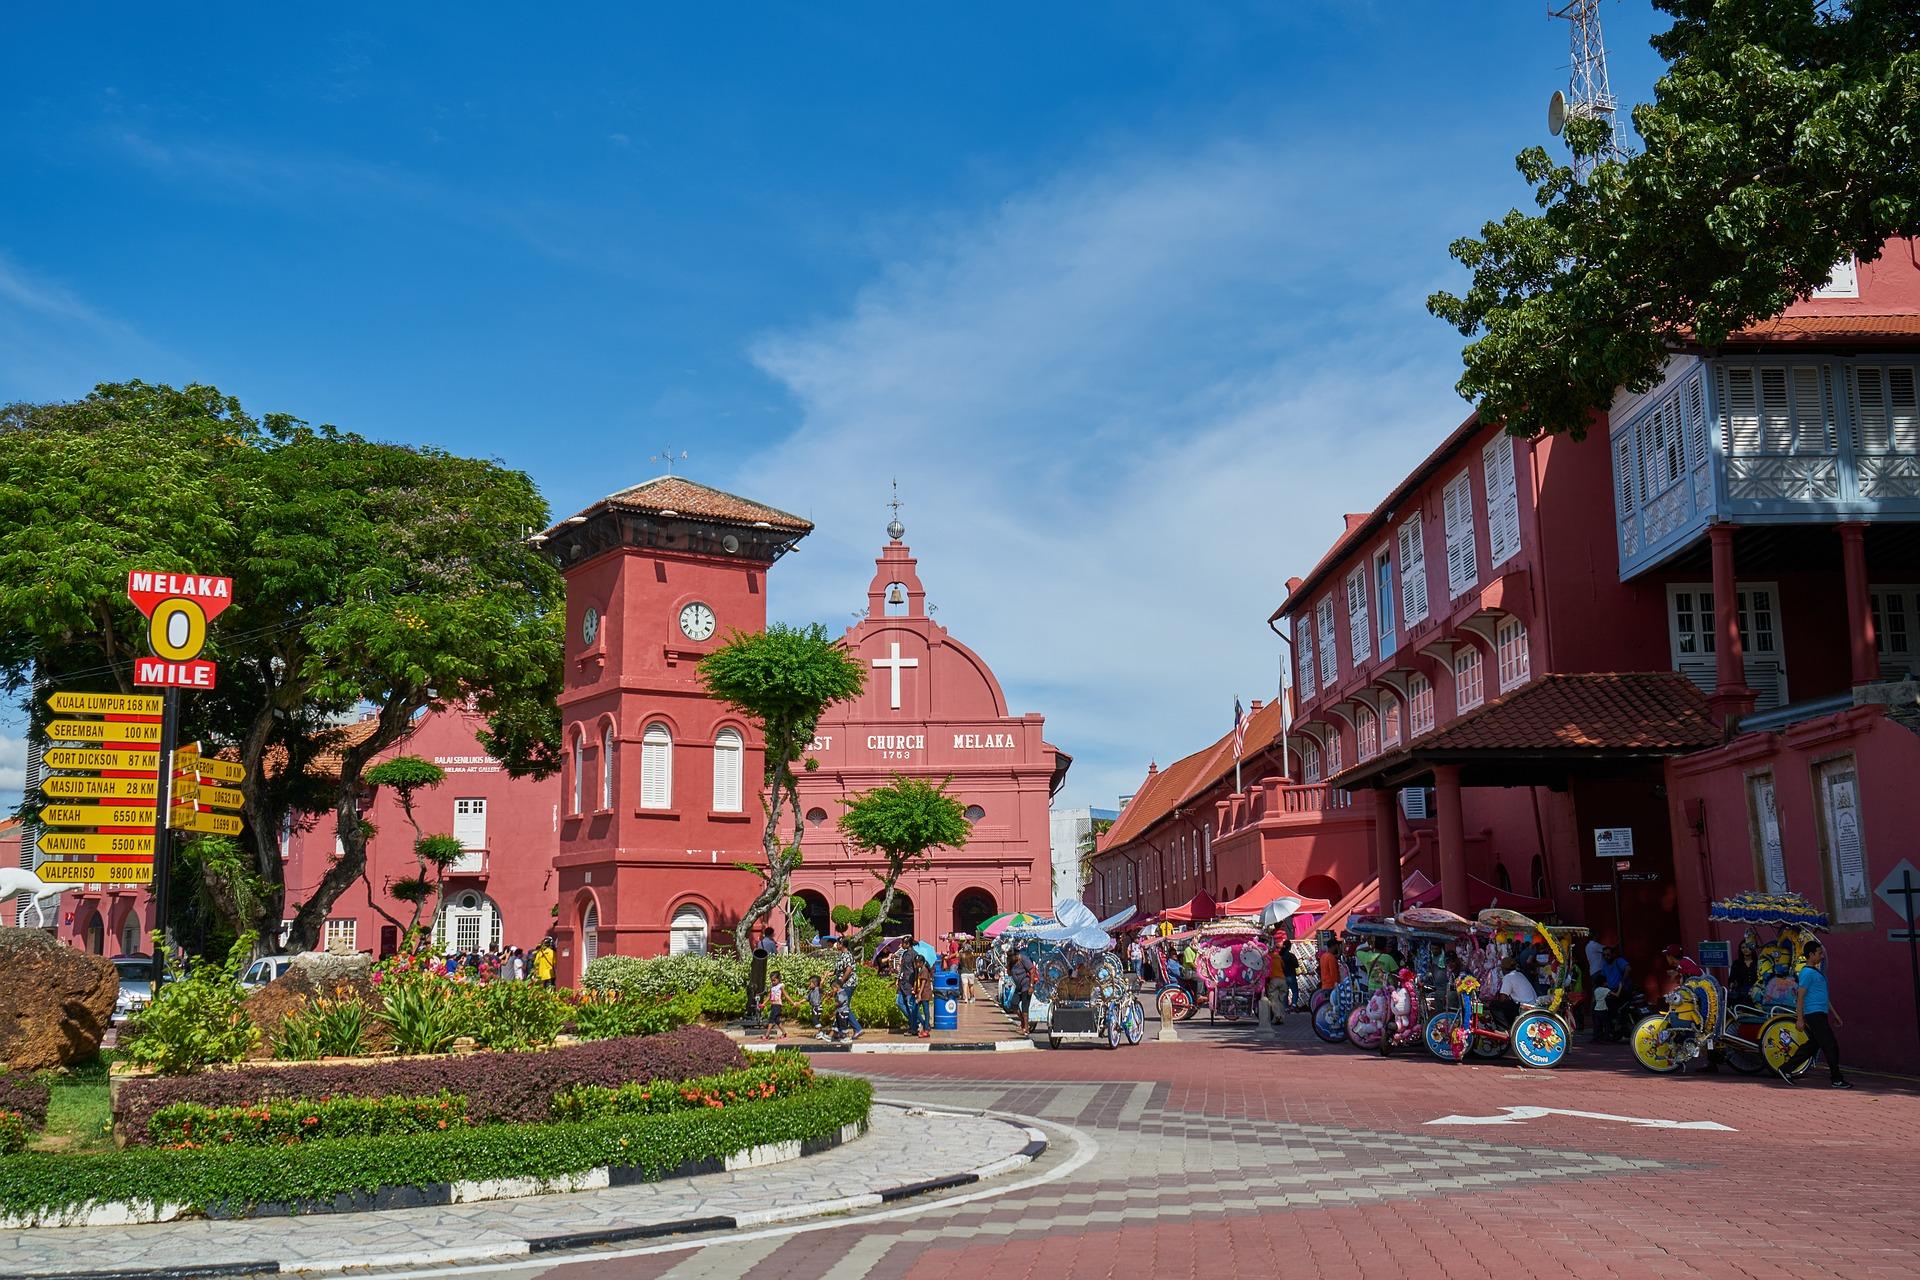 Melaka Church in Malaysia